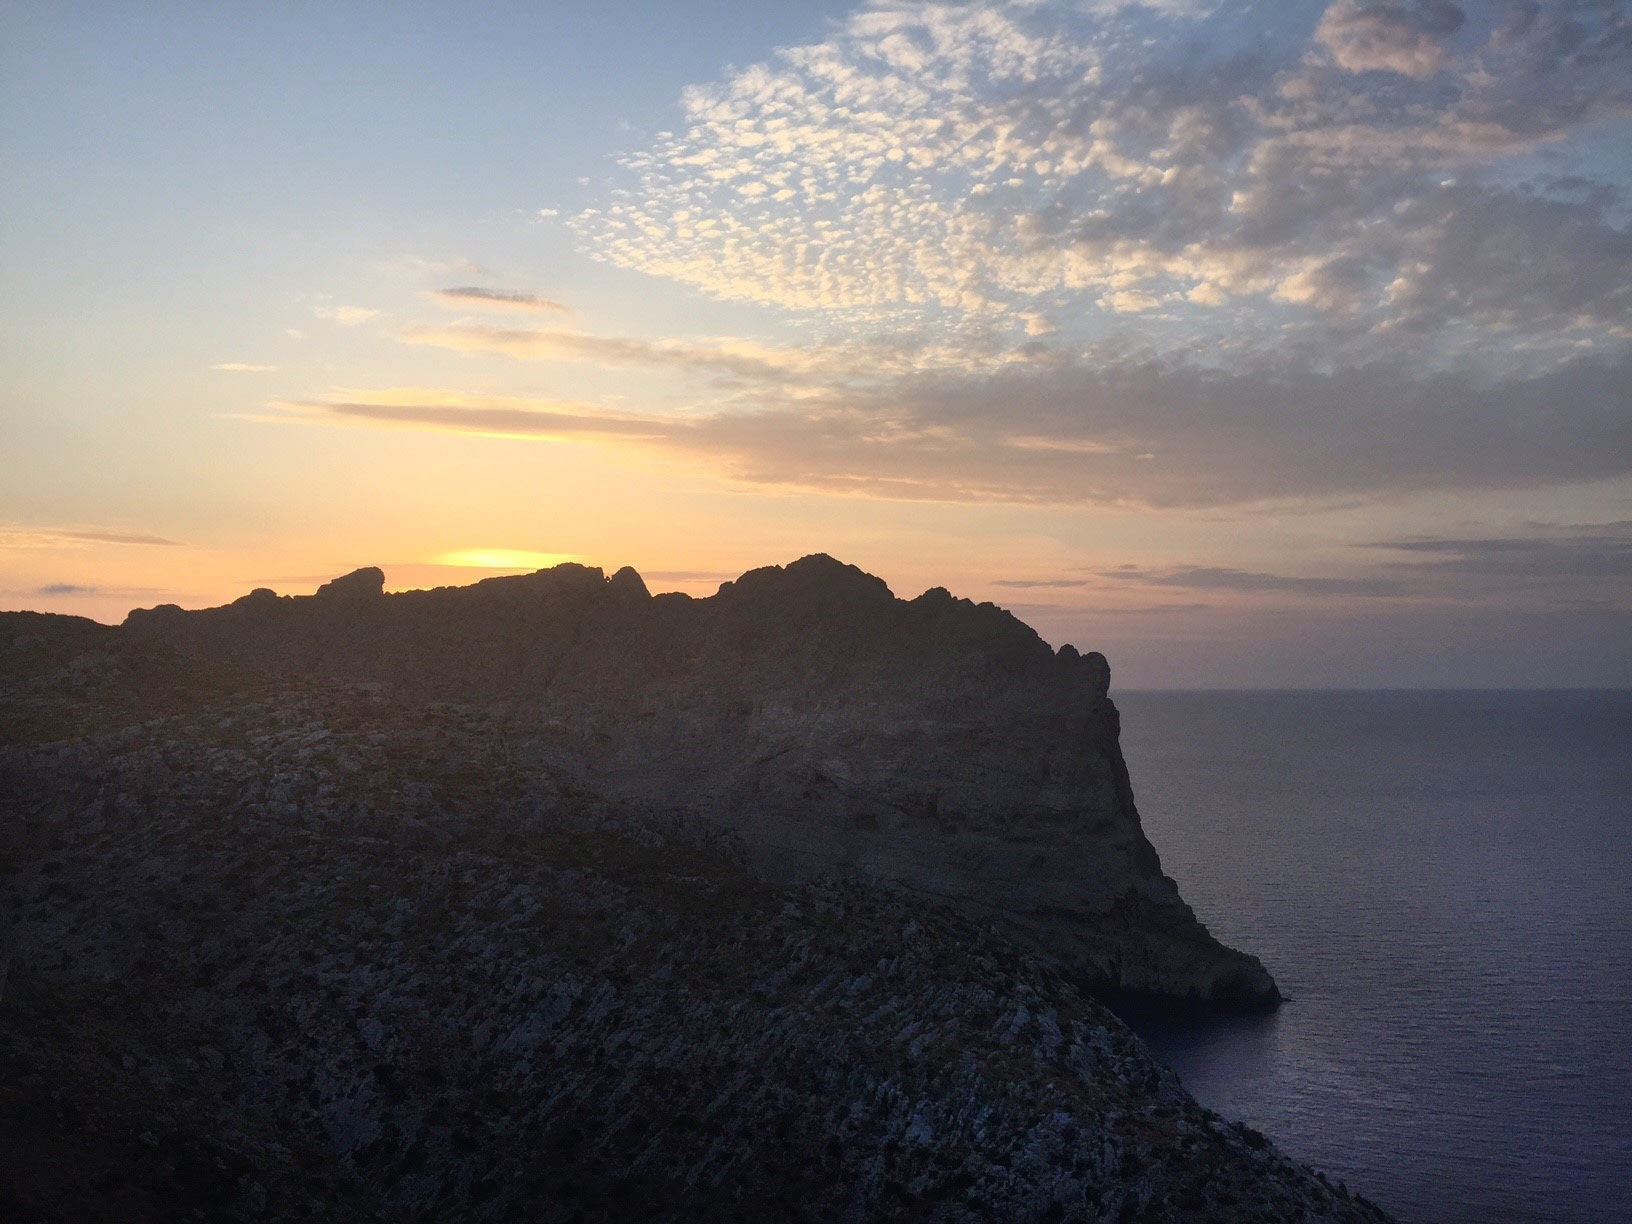 Sunset vista at Mirador De Mel Pas